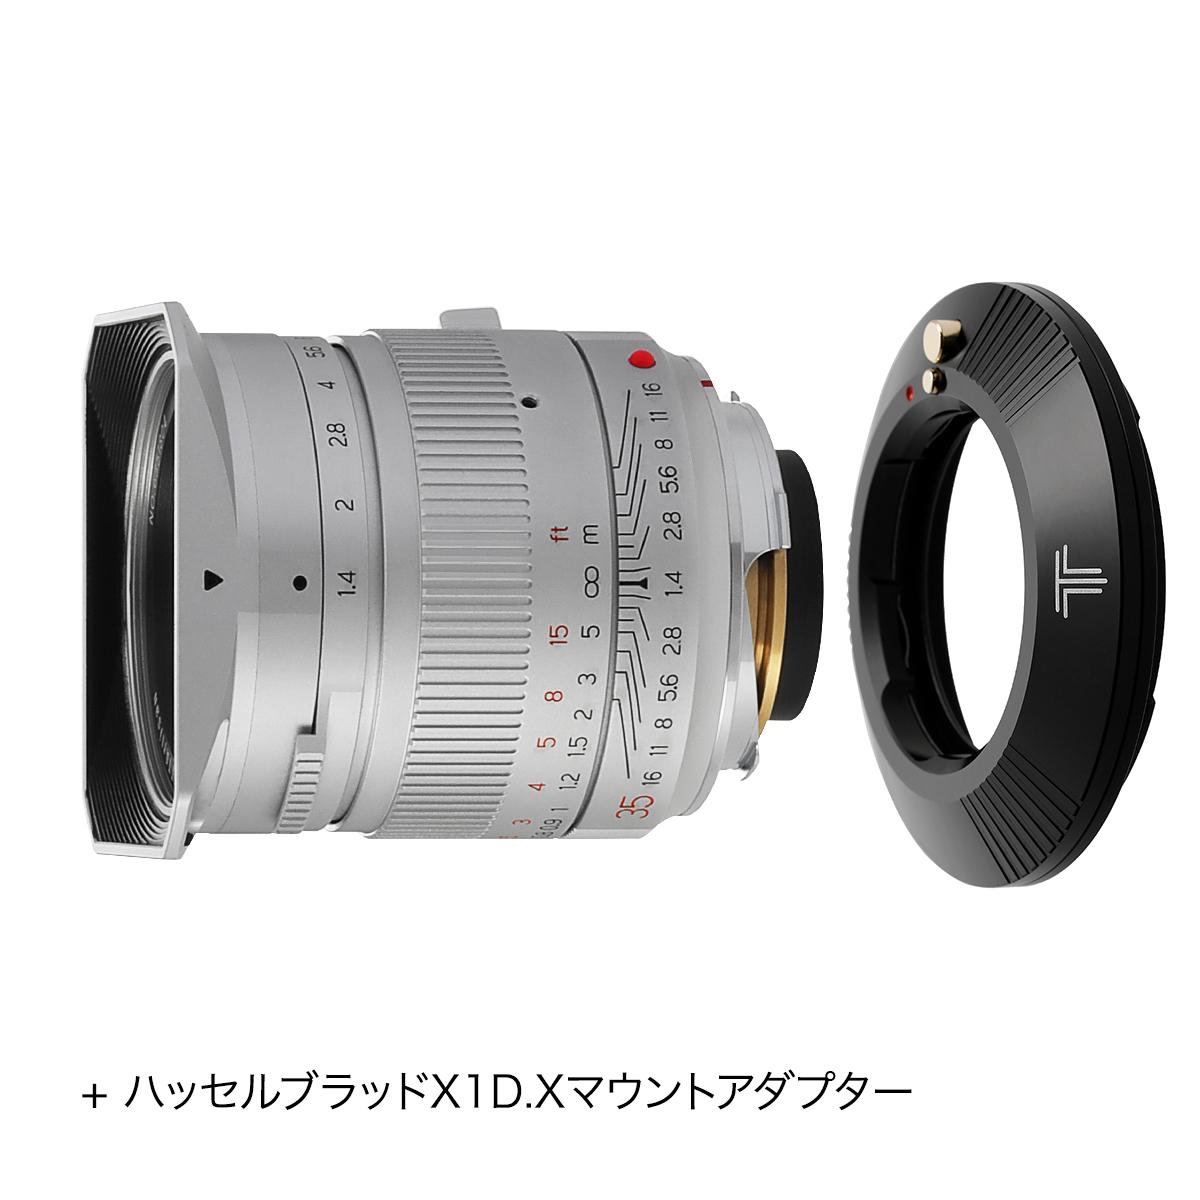 銘匠光学 TTArtisan 35mm f/1.4 ASPH(シルバー)+ マウントアダプター セット